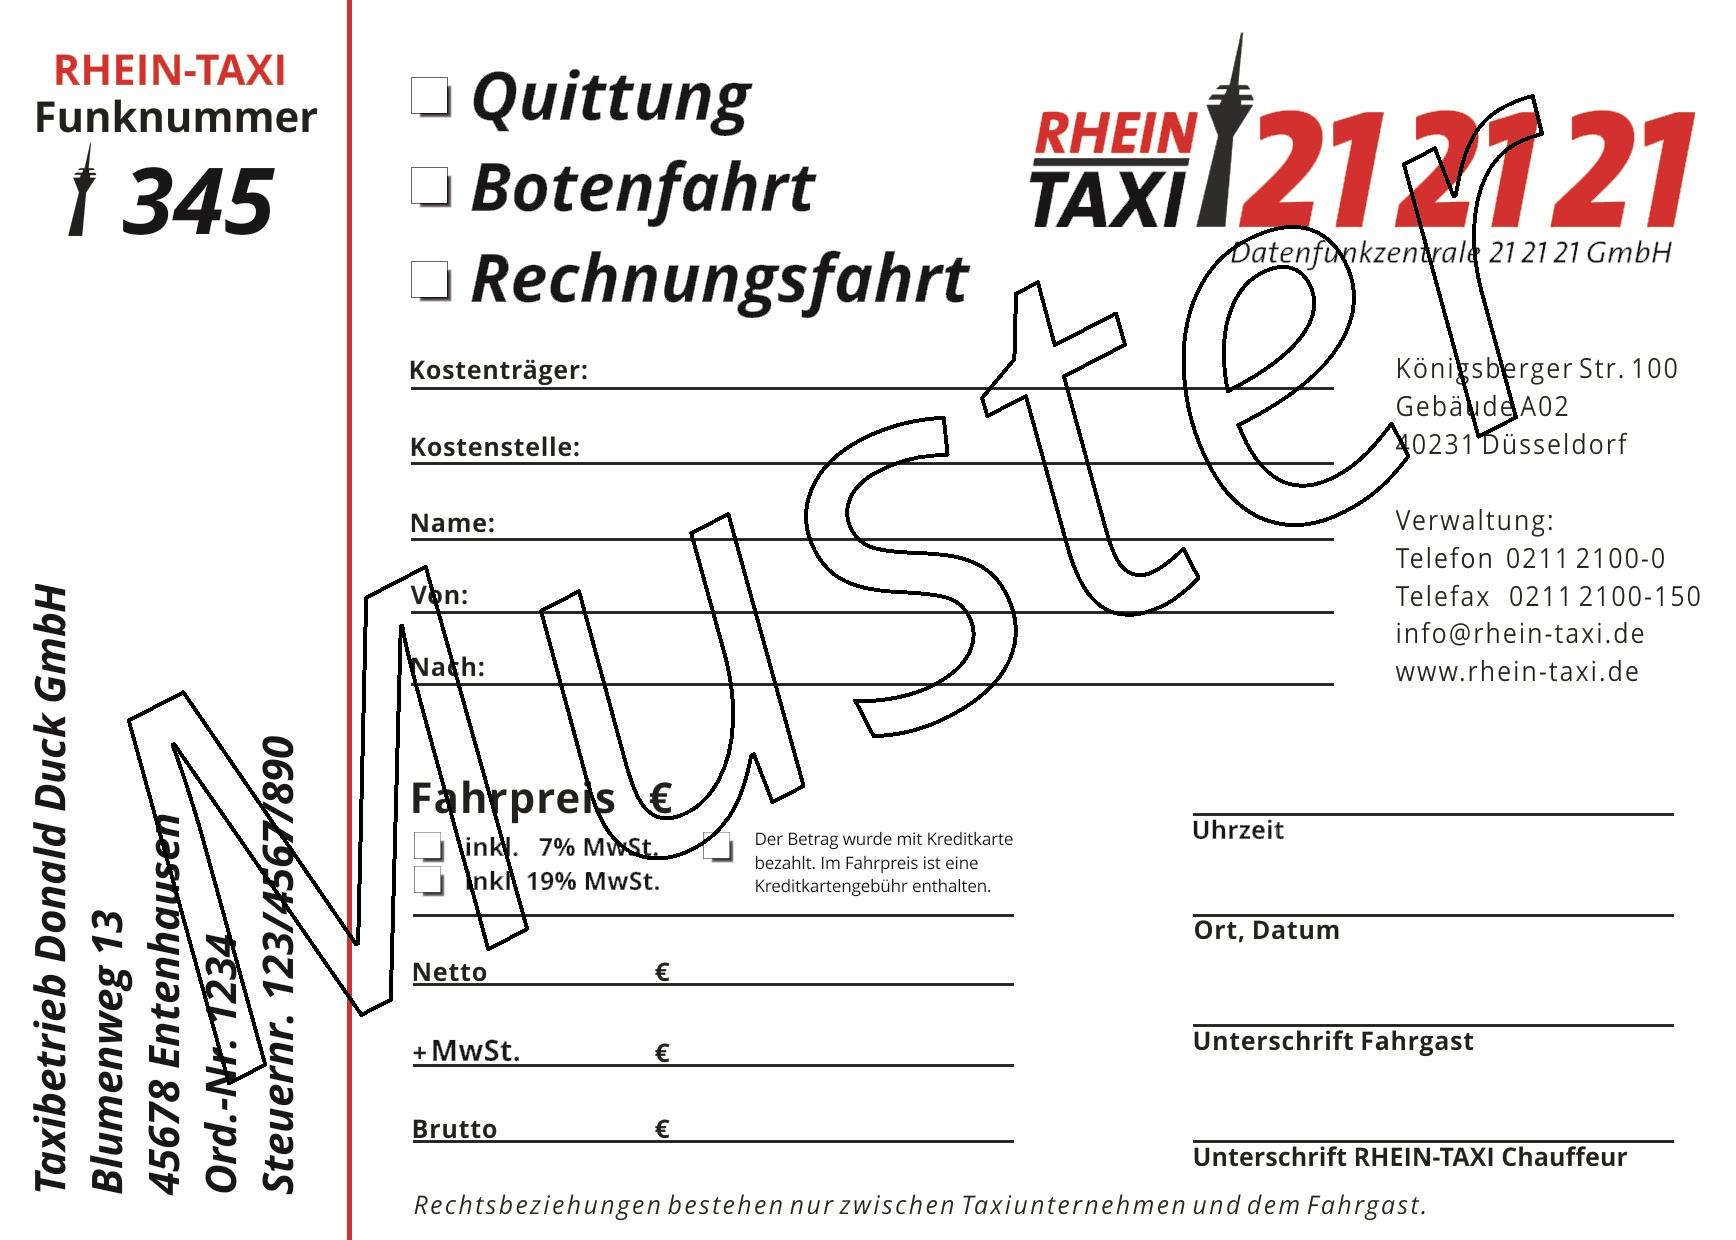 Muster einer Quittung von Rhein-Taxi